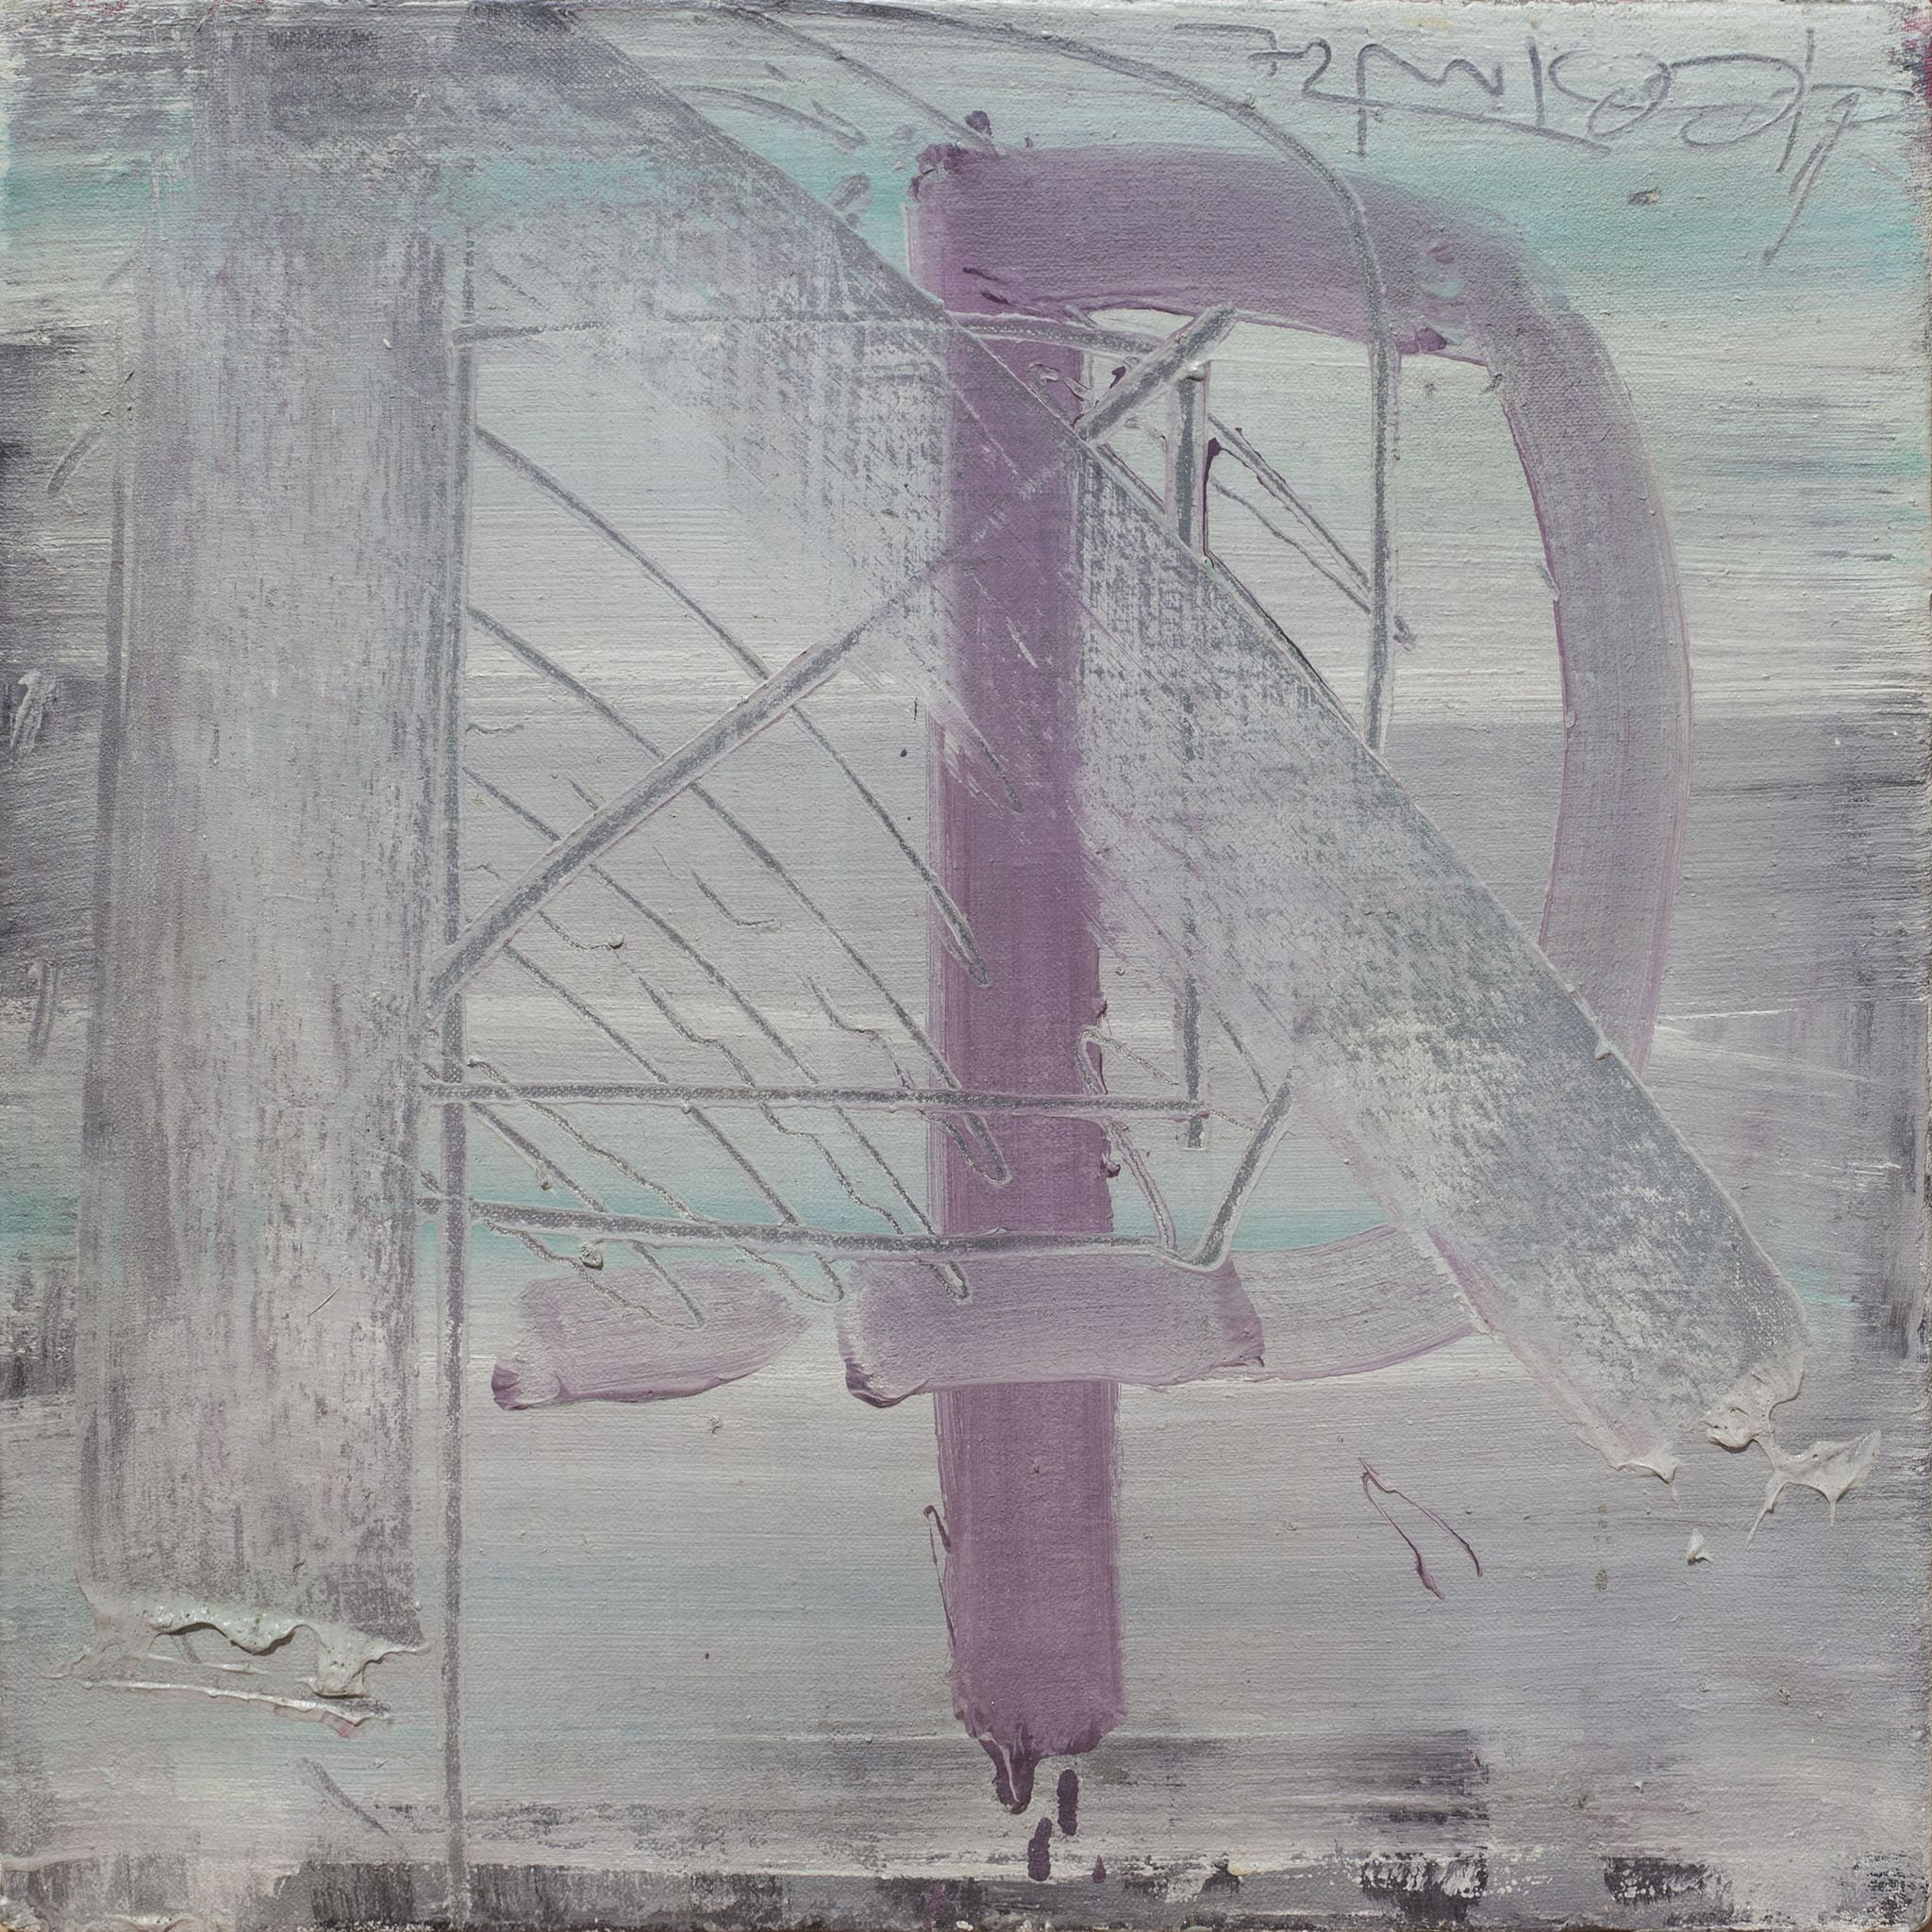 """משה קופפרמן, """"ללא כותרת"""", 1972, שמן על בד, 40x40 ס""""מ"""